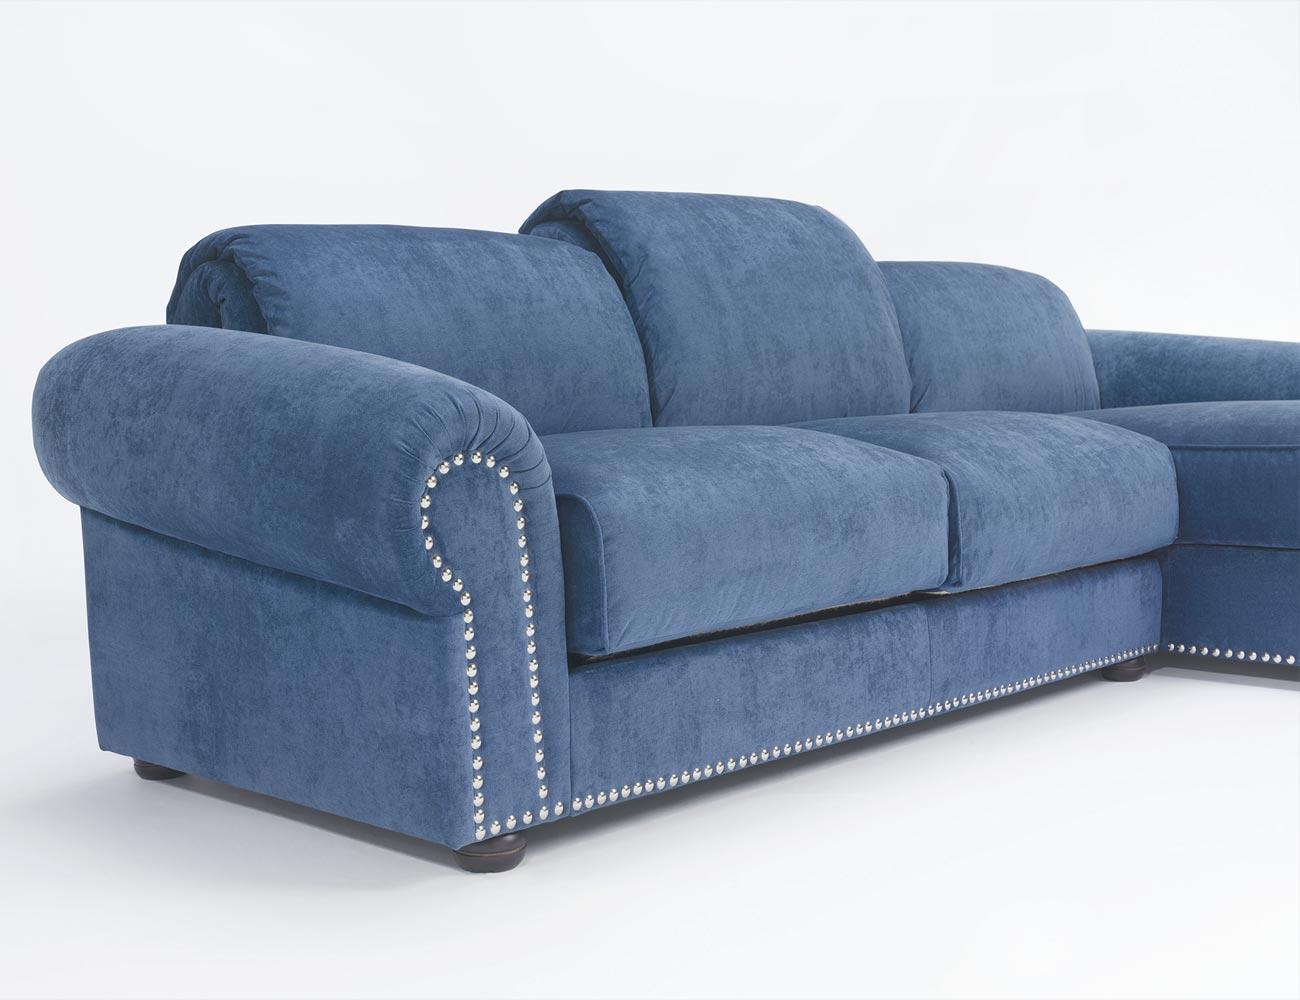 Sofa chaiselongue gran lujo decorativo azul 110